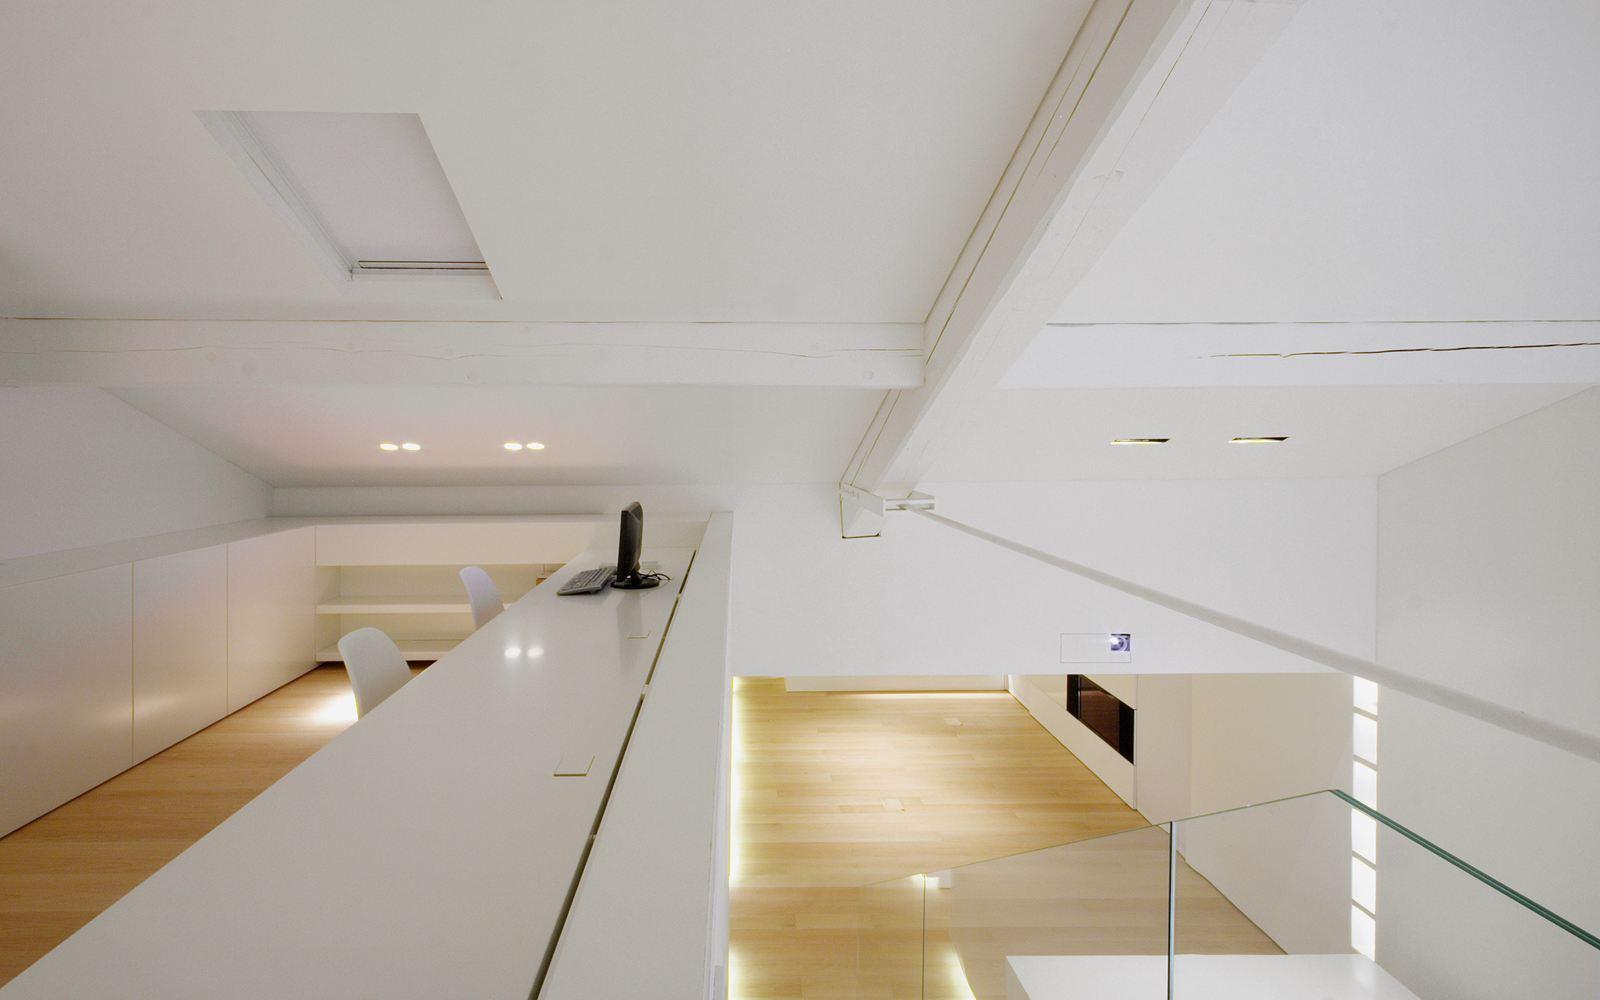 ... Lampadario Soffitto Travi A Vista : ... Vecchio soffitto di legno con